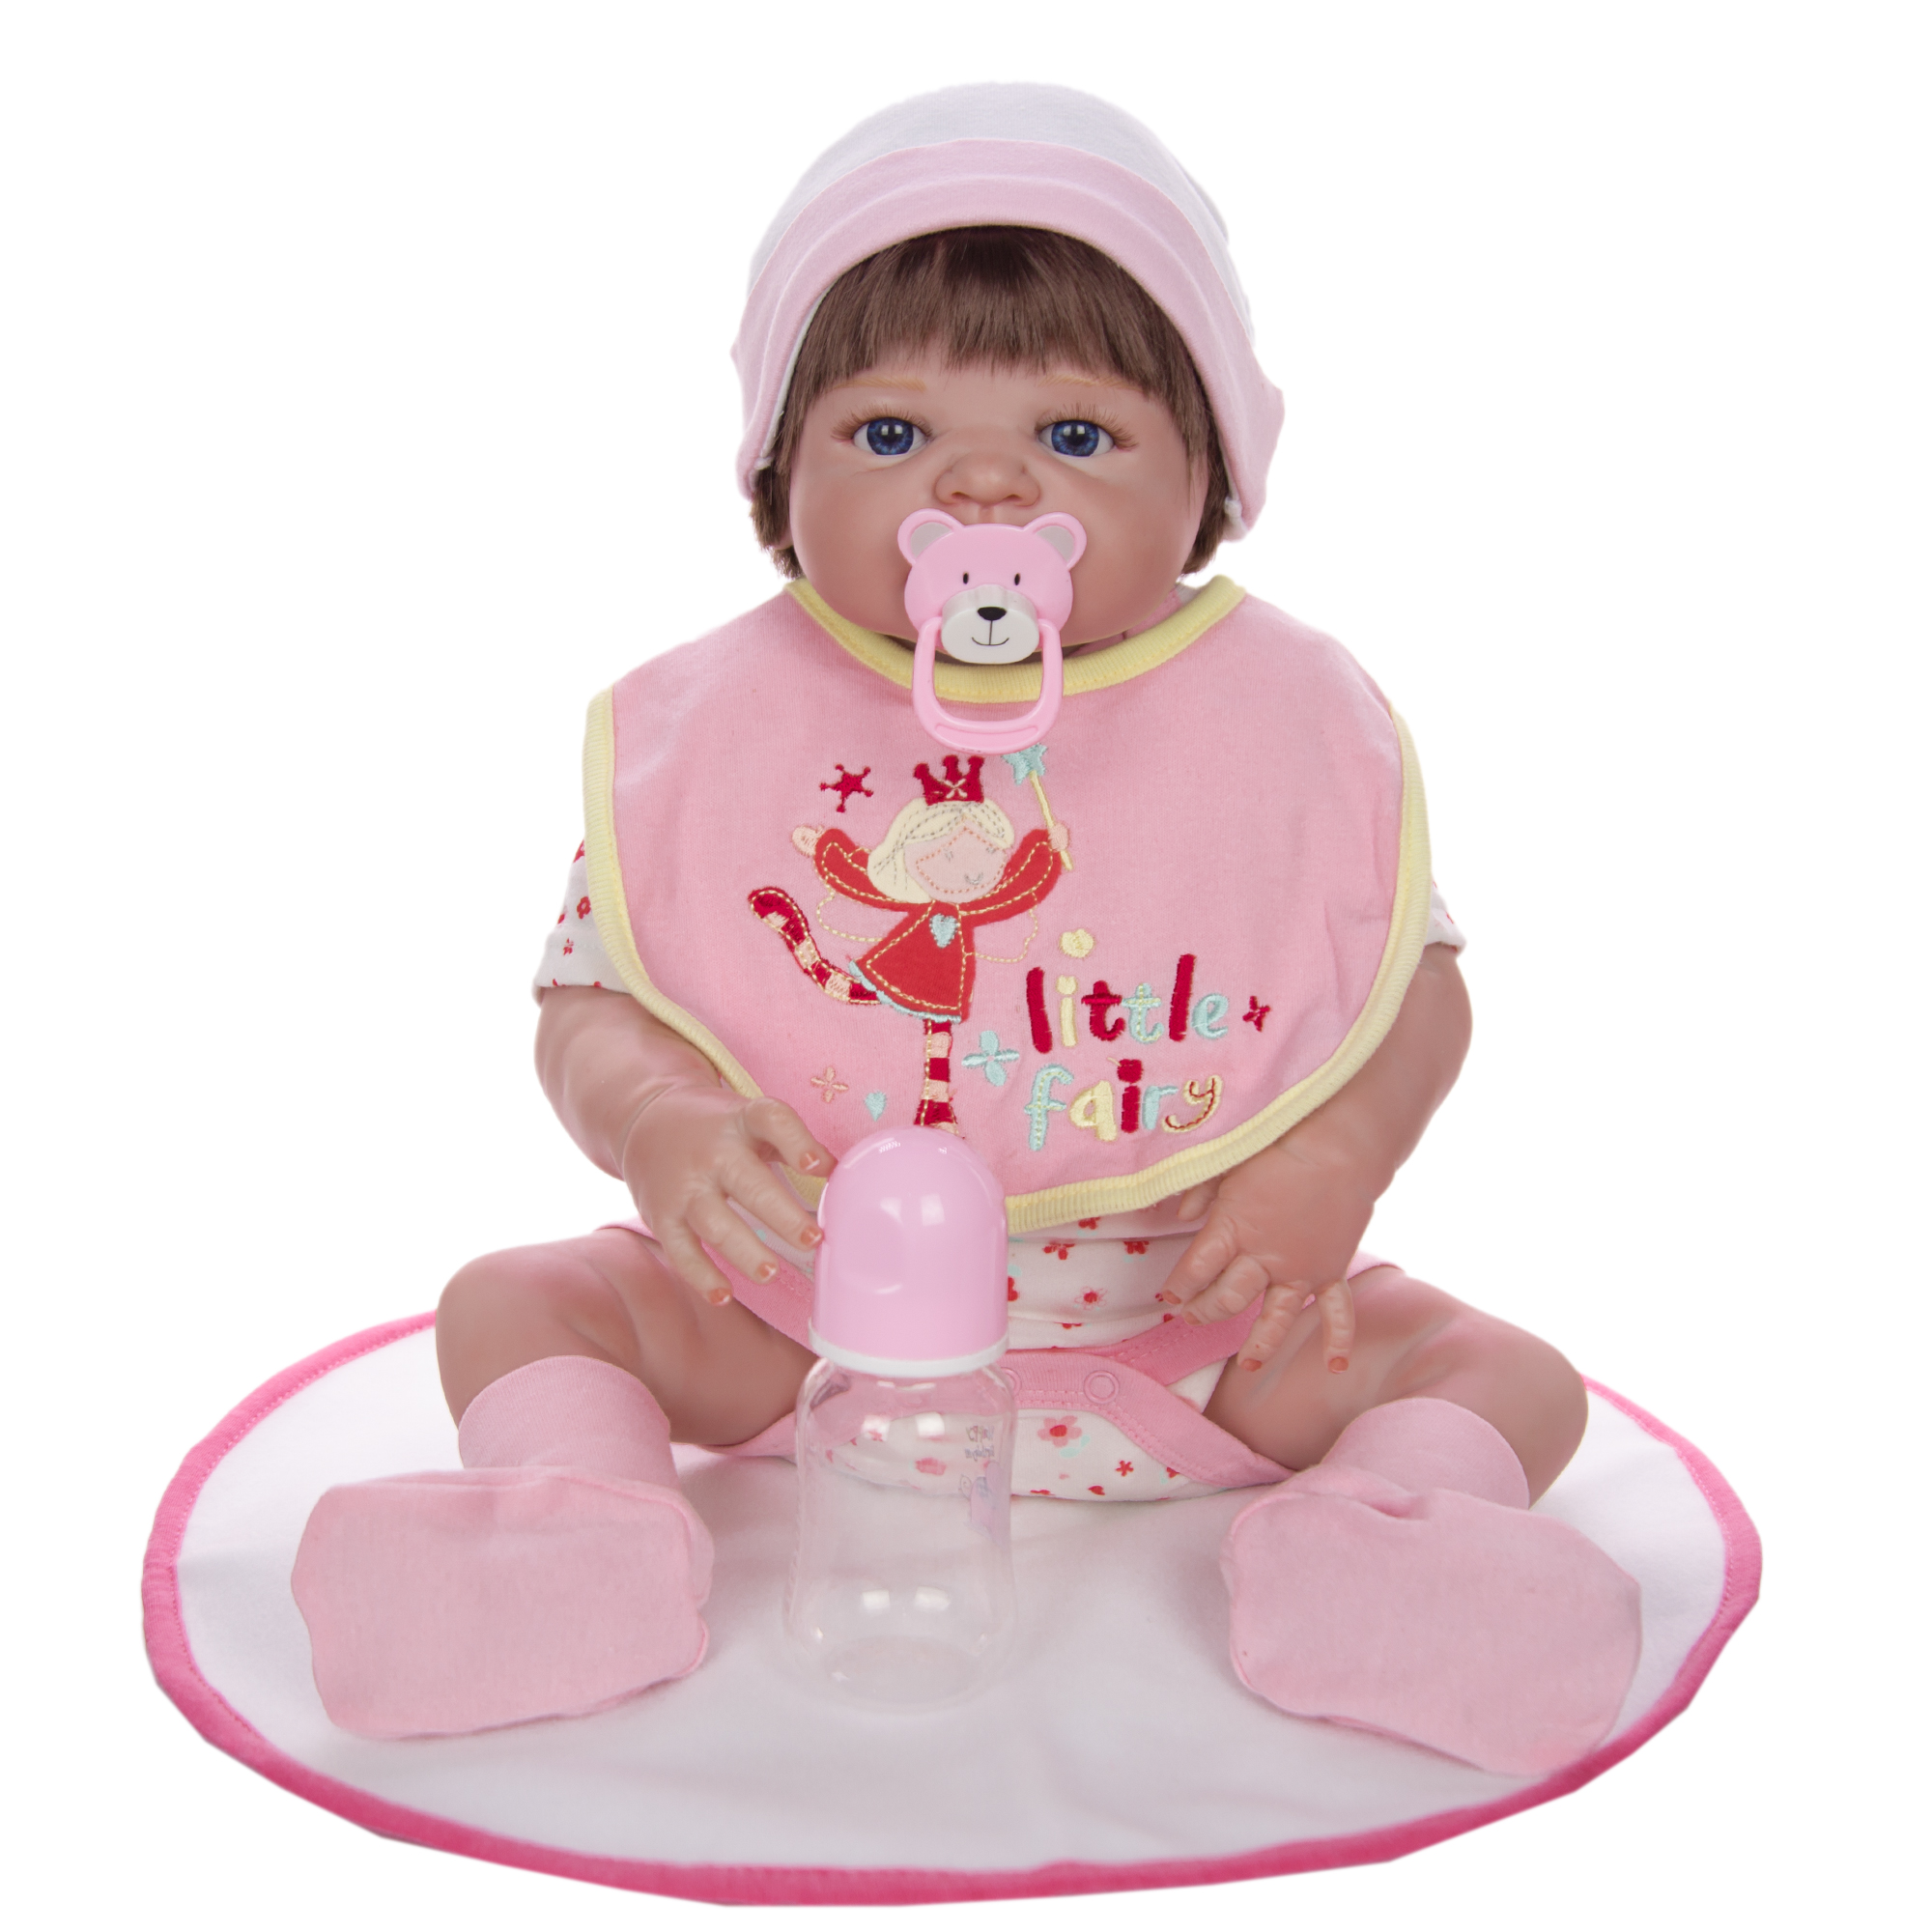 전신 실리콘 비닐 reborn 아기 소녀 인형 58 cm/23 inch 현실적인 살아있는 아기 장난감 크리스마스 선물-에서인형부터 완구 & 취미 의  그룹 3